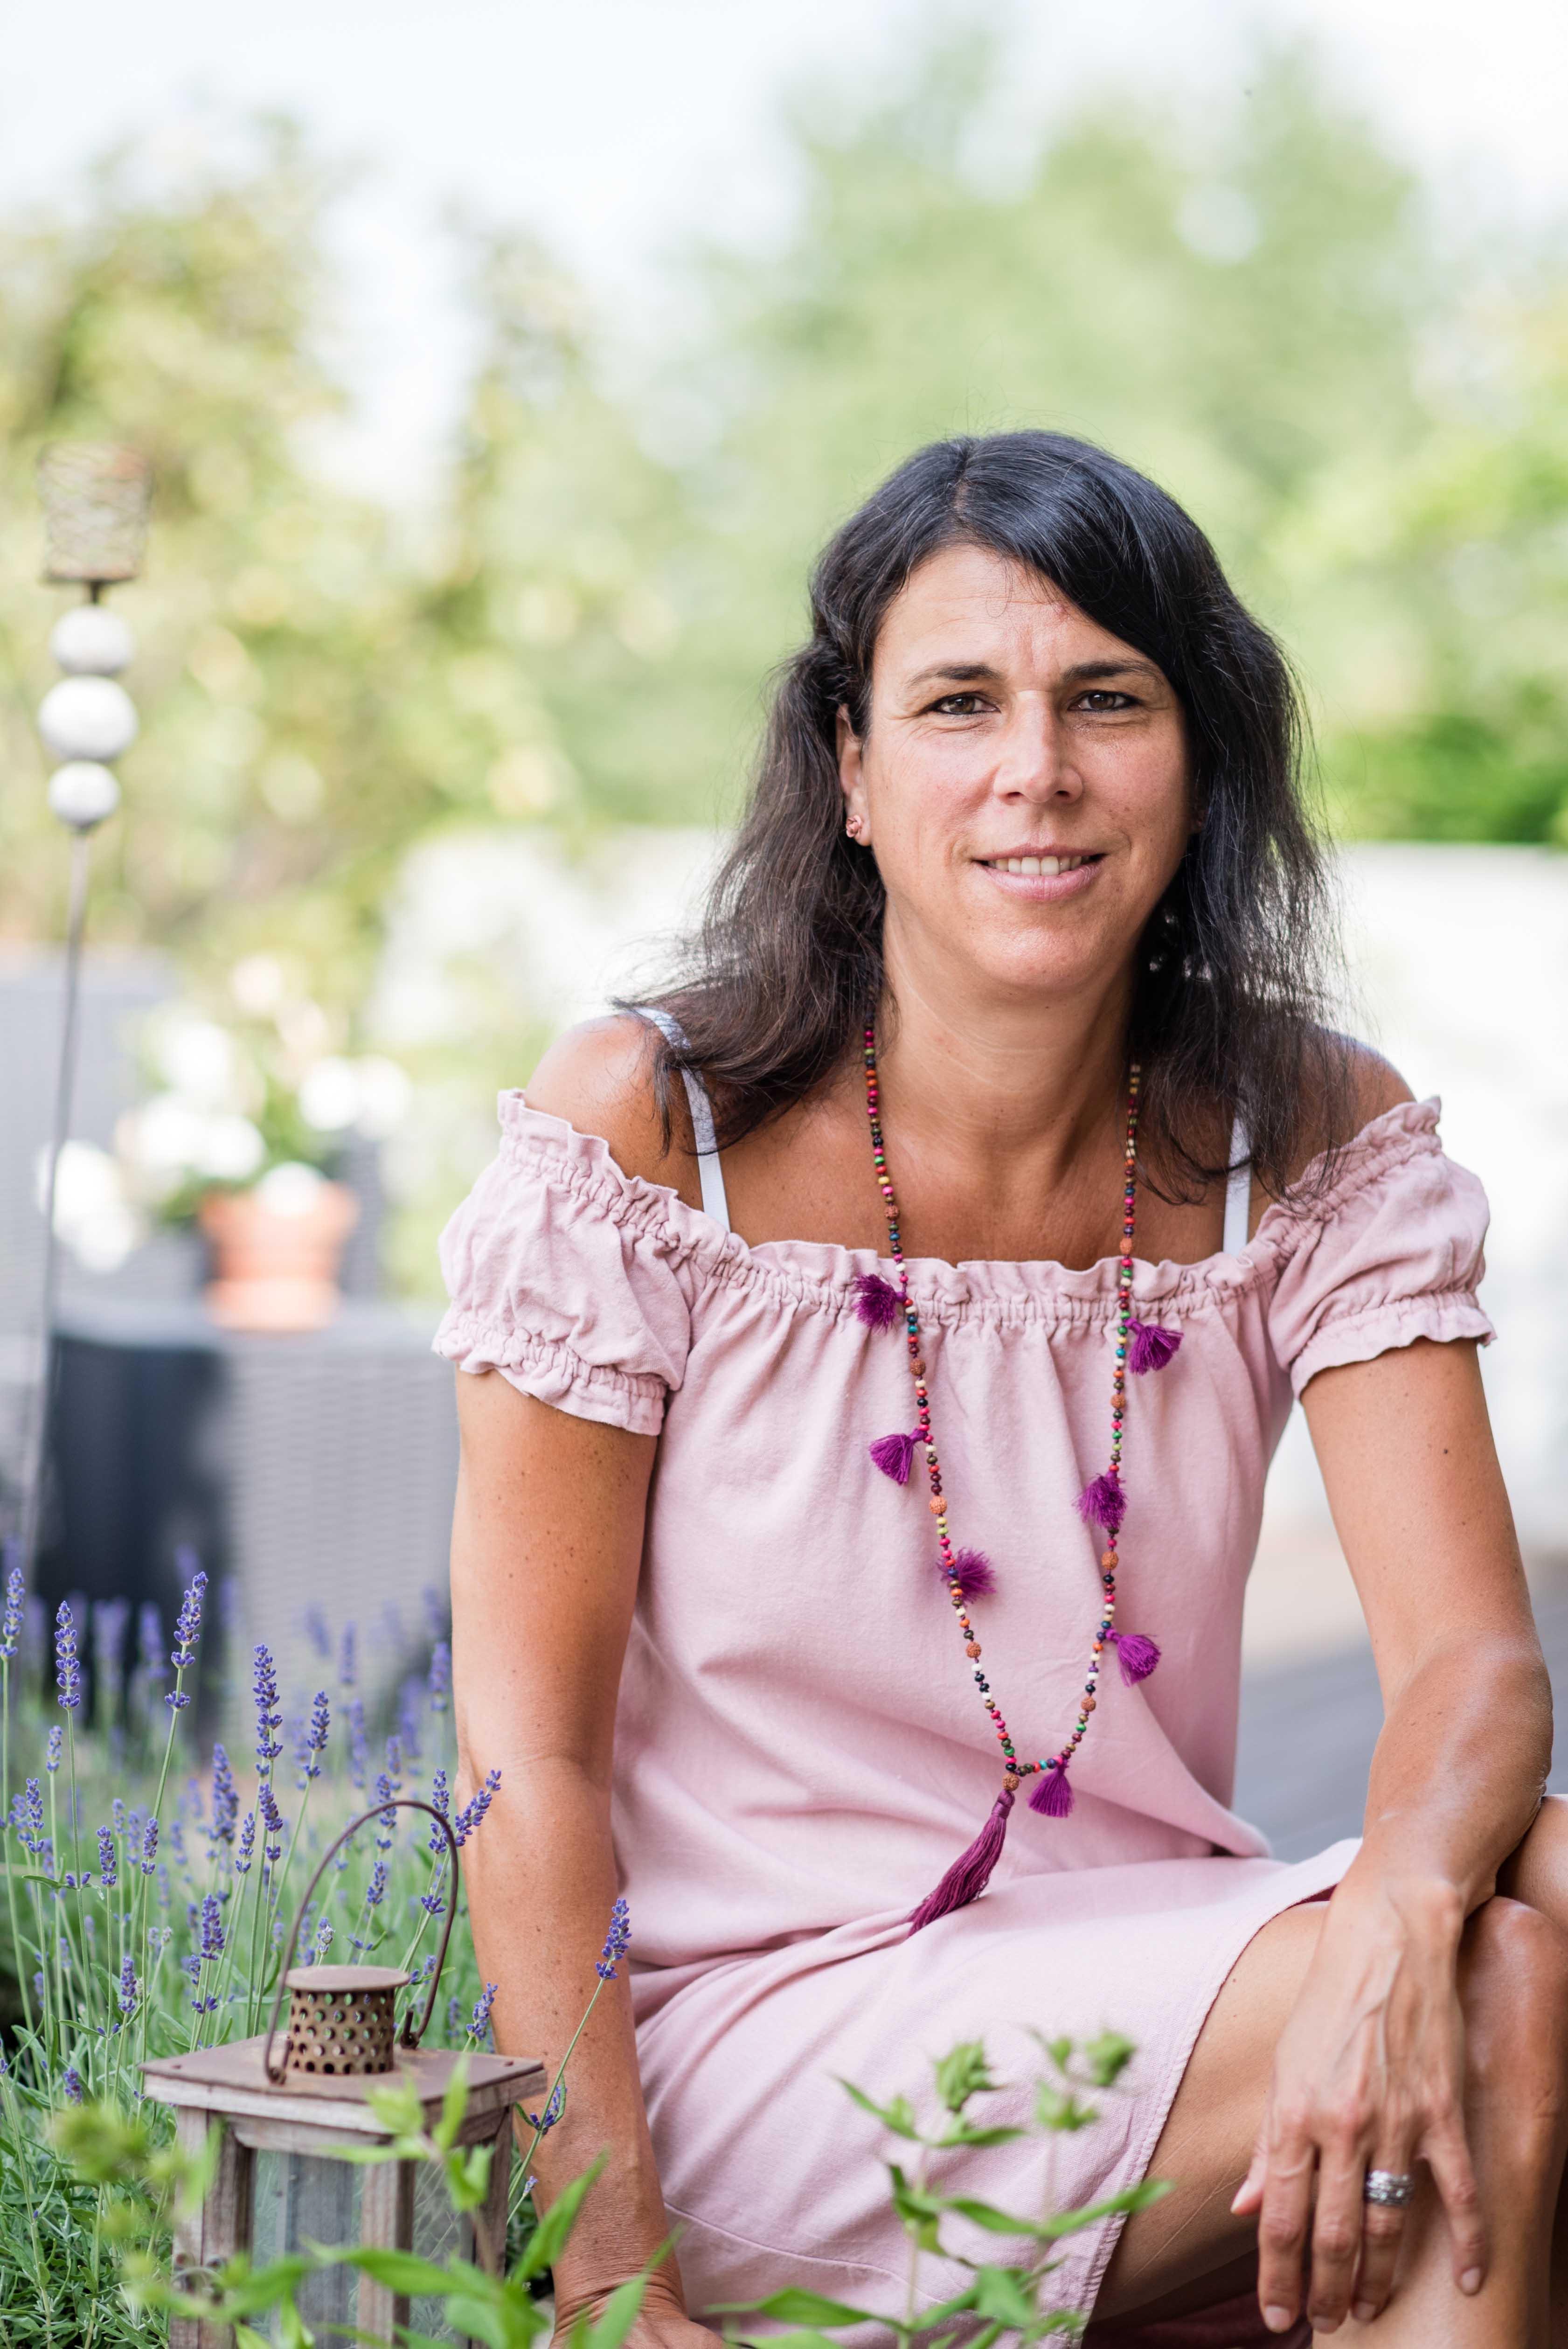 Barbara Baschnagel sitzt im Garten auf einer kleinen Mauer neben Lavendelblumen. Hochformatbild.